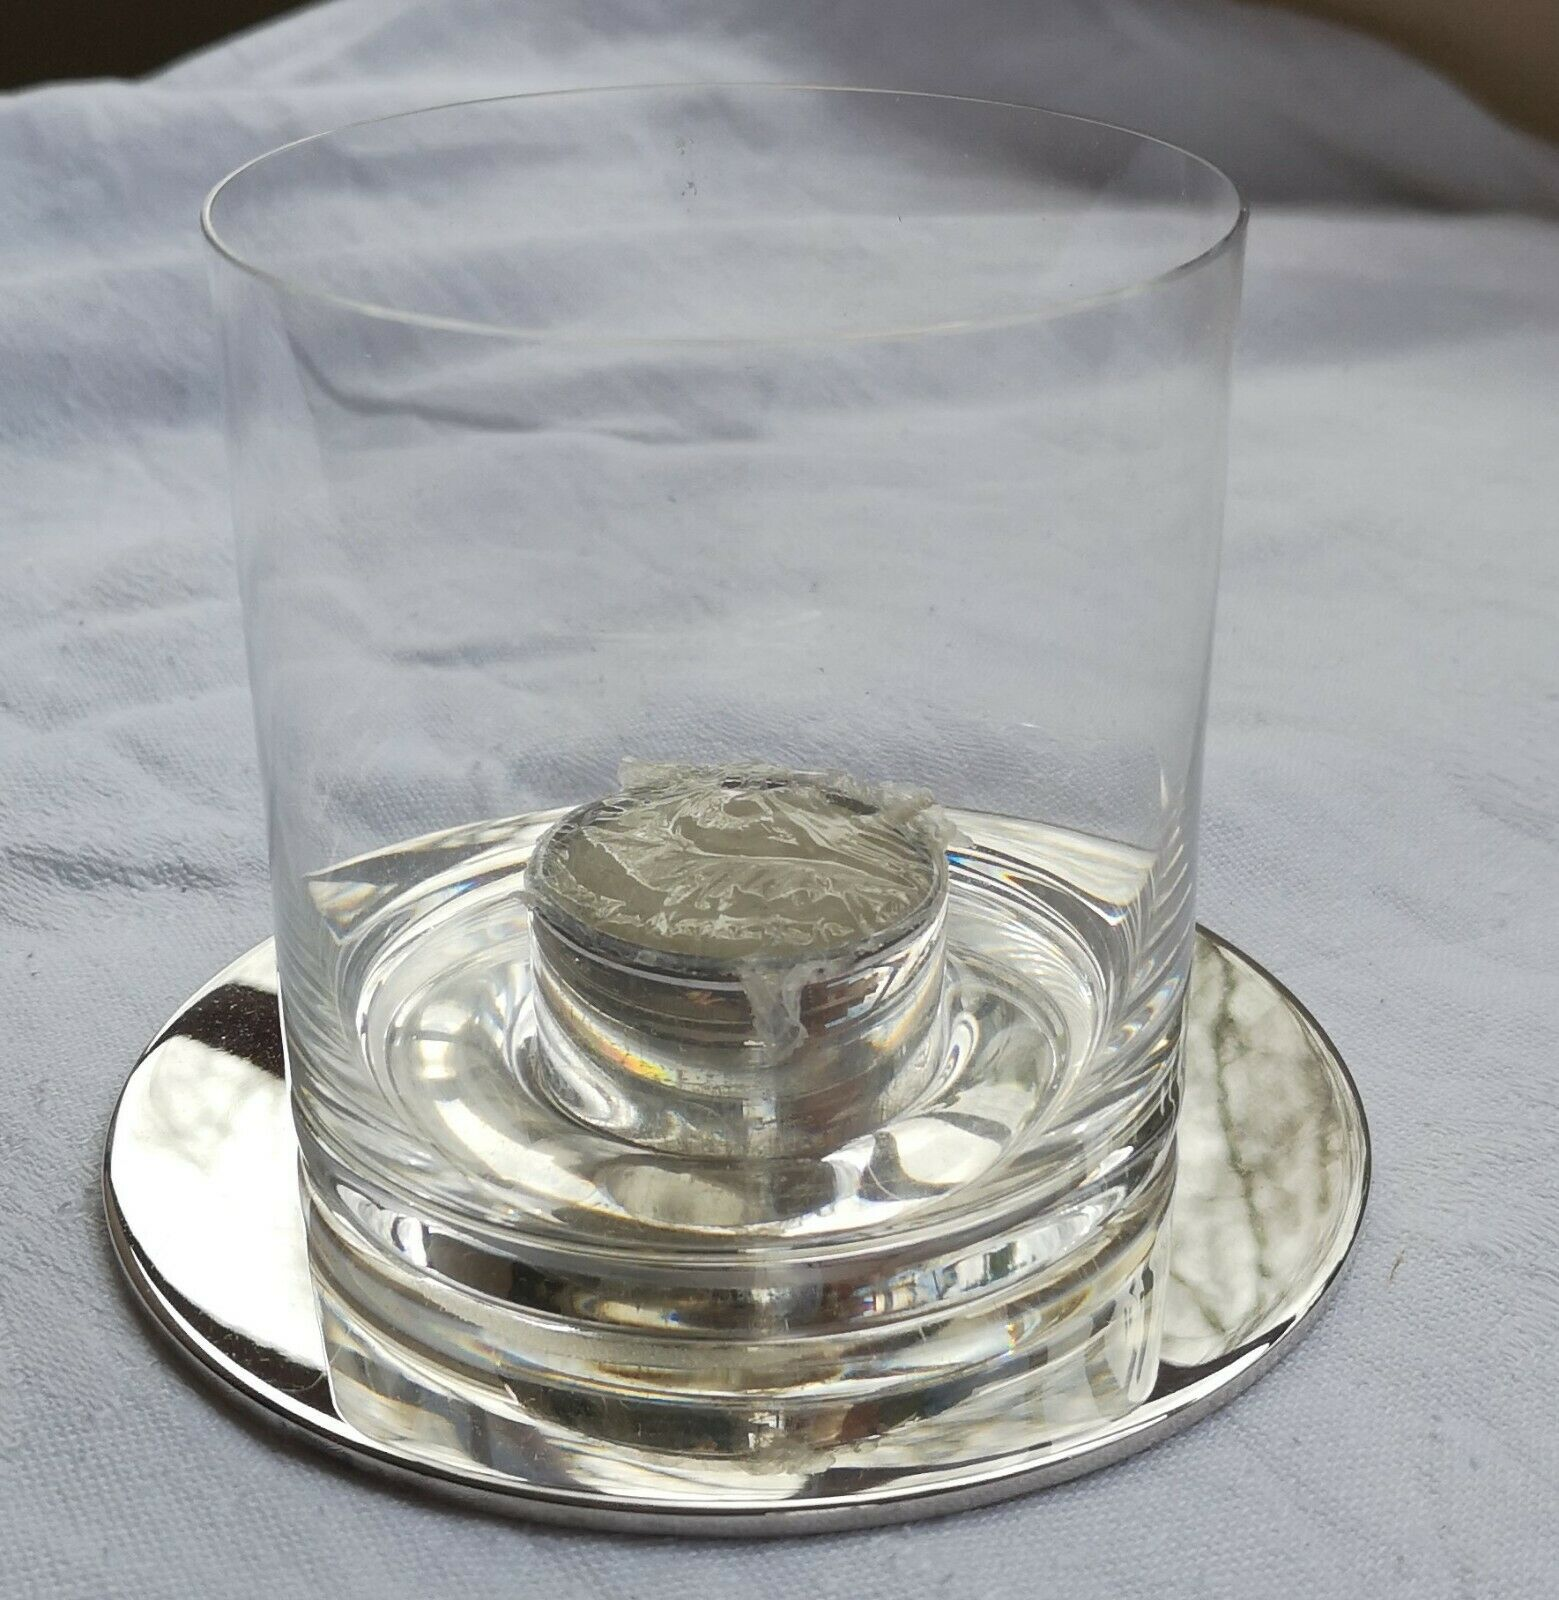 Joli photophore modèle Radius en métal argenté et verre signé Christofle